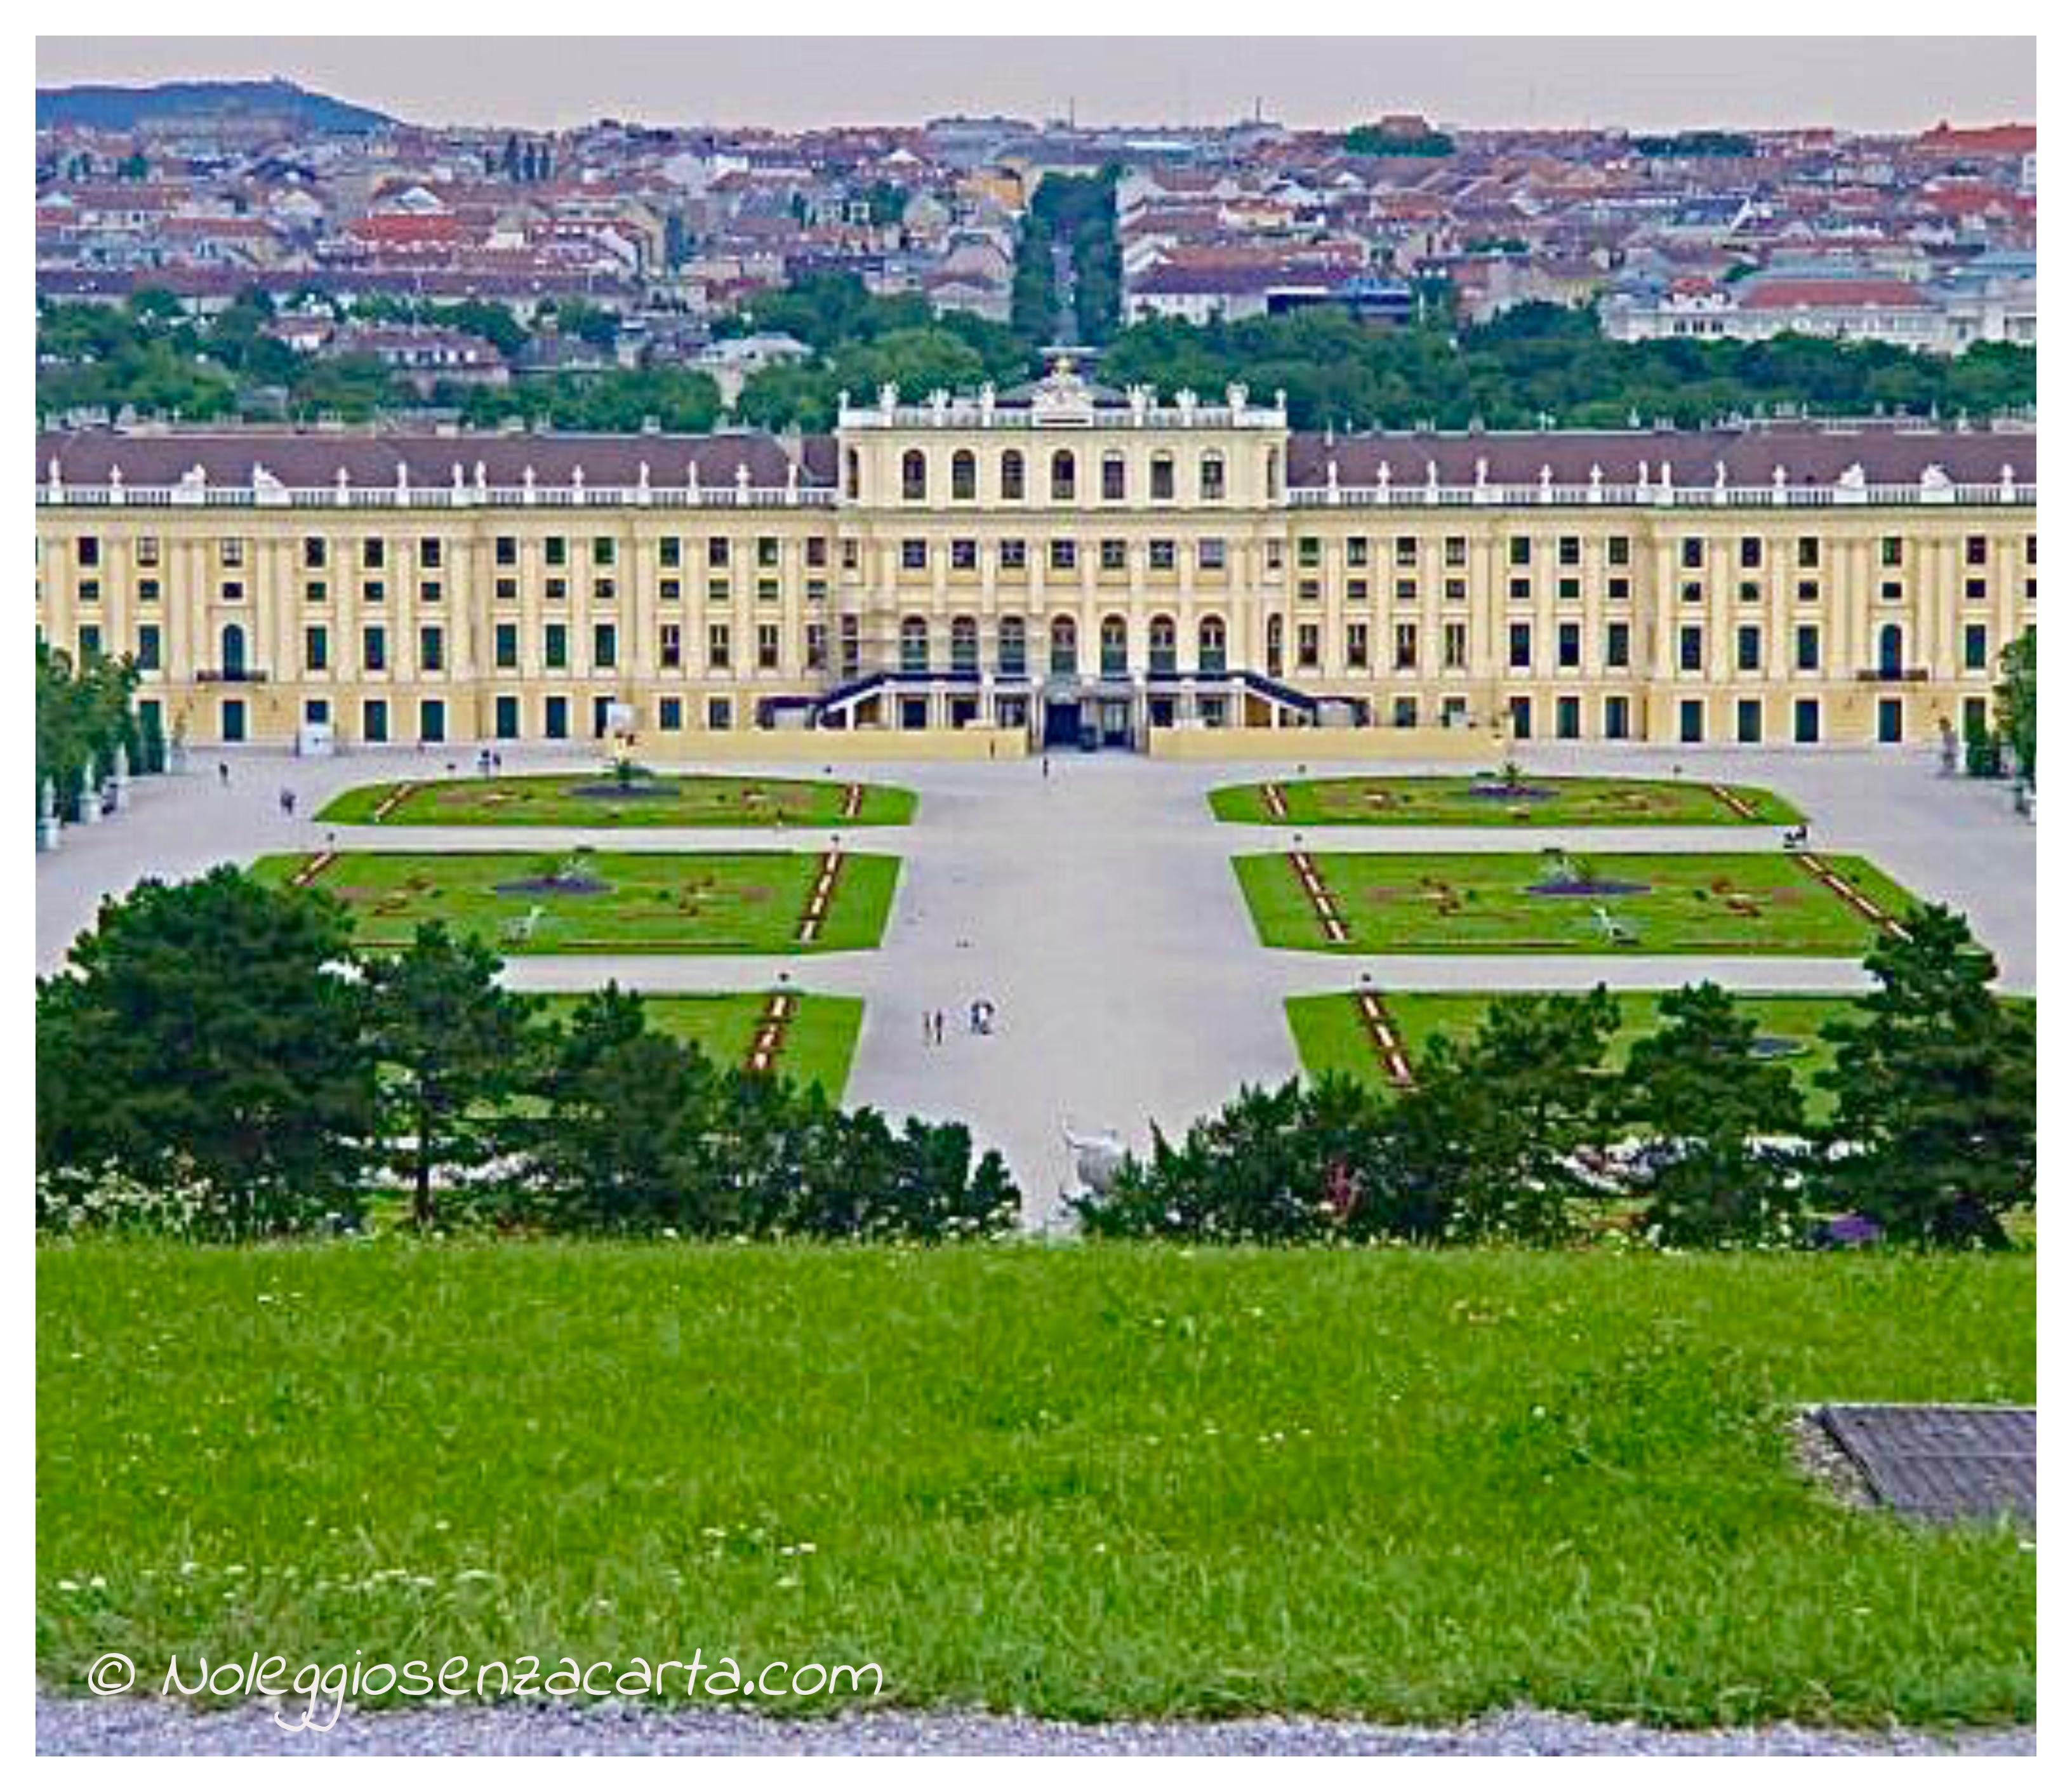 Alquiler coche sin tarjeta de crédito en Viena – Austria